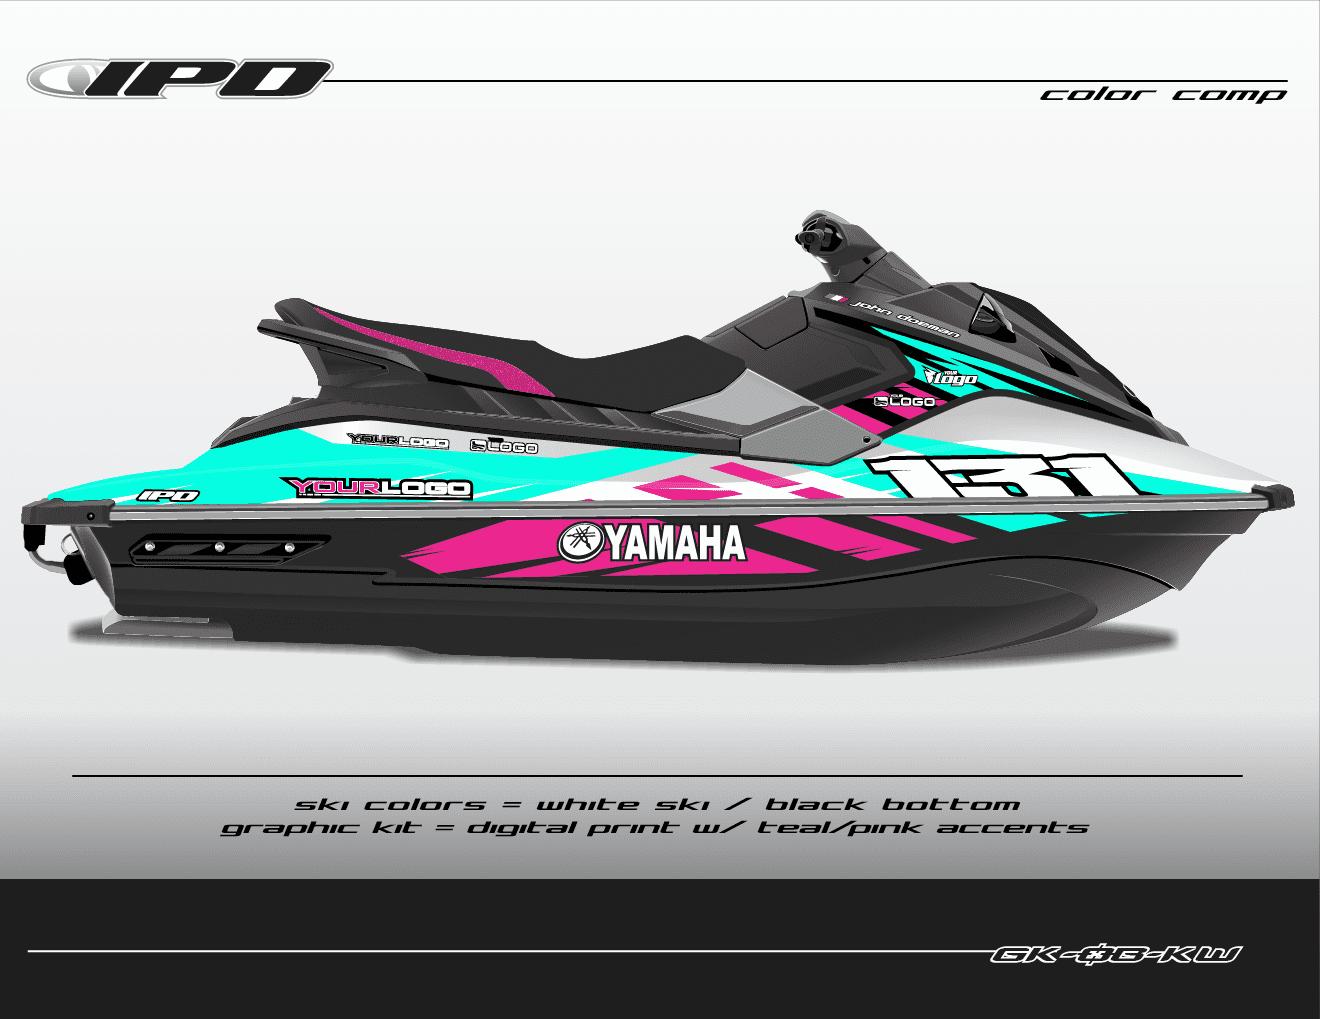 yamaha ex graphics kit  ob design   u2013 ipd jet ski graphics